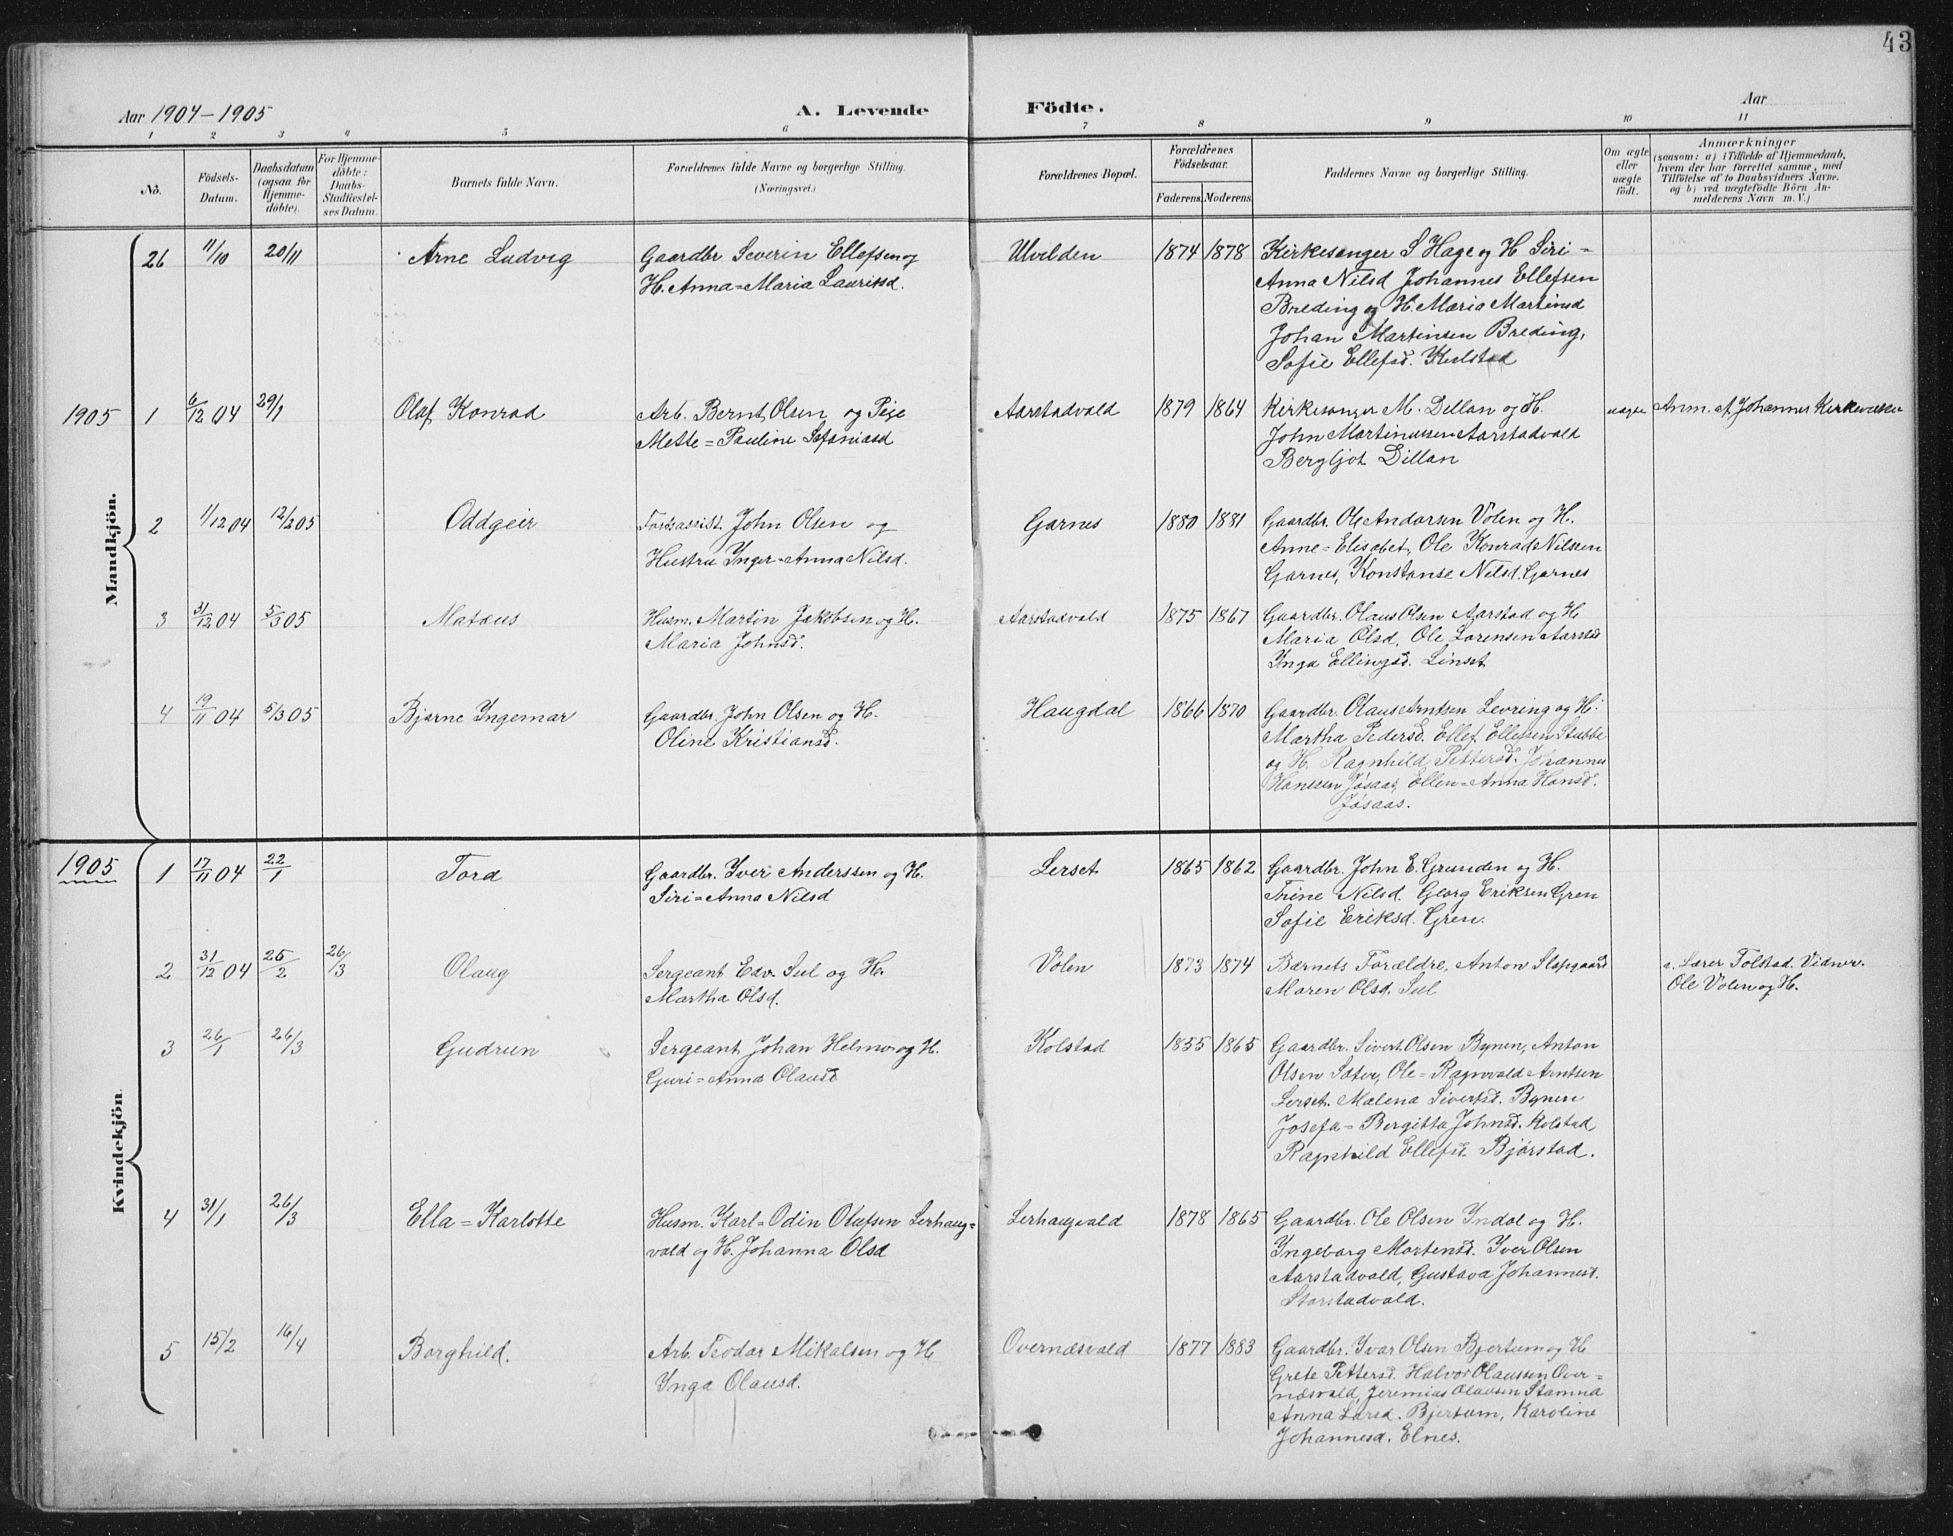 SAT, Ministerialprotokoller, klokkerbøker og fødselsregistre - Nord-Trøndelag, 724/L0269: Klokkerbok nr. 724C05, 1899-1920, s. 43